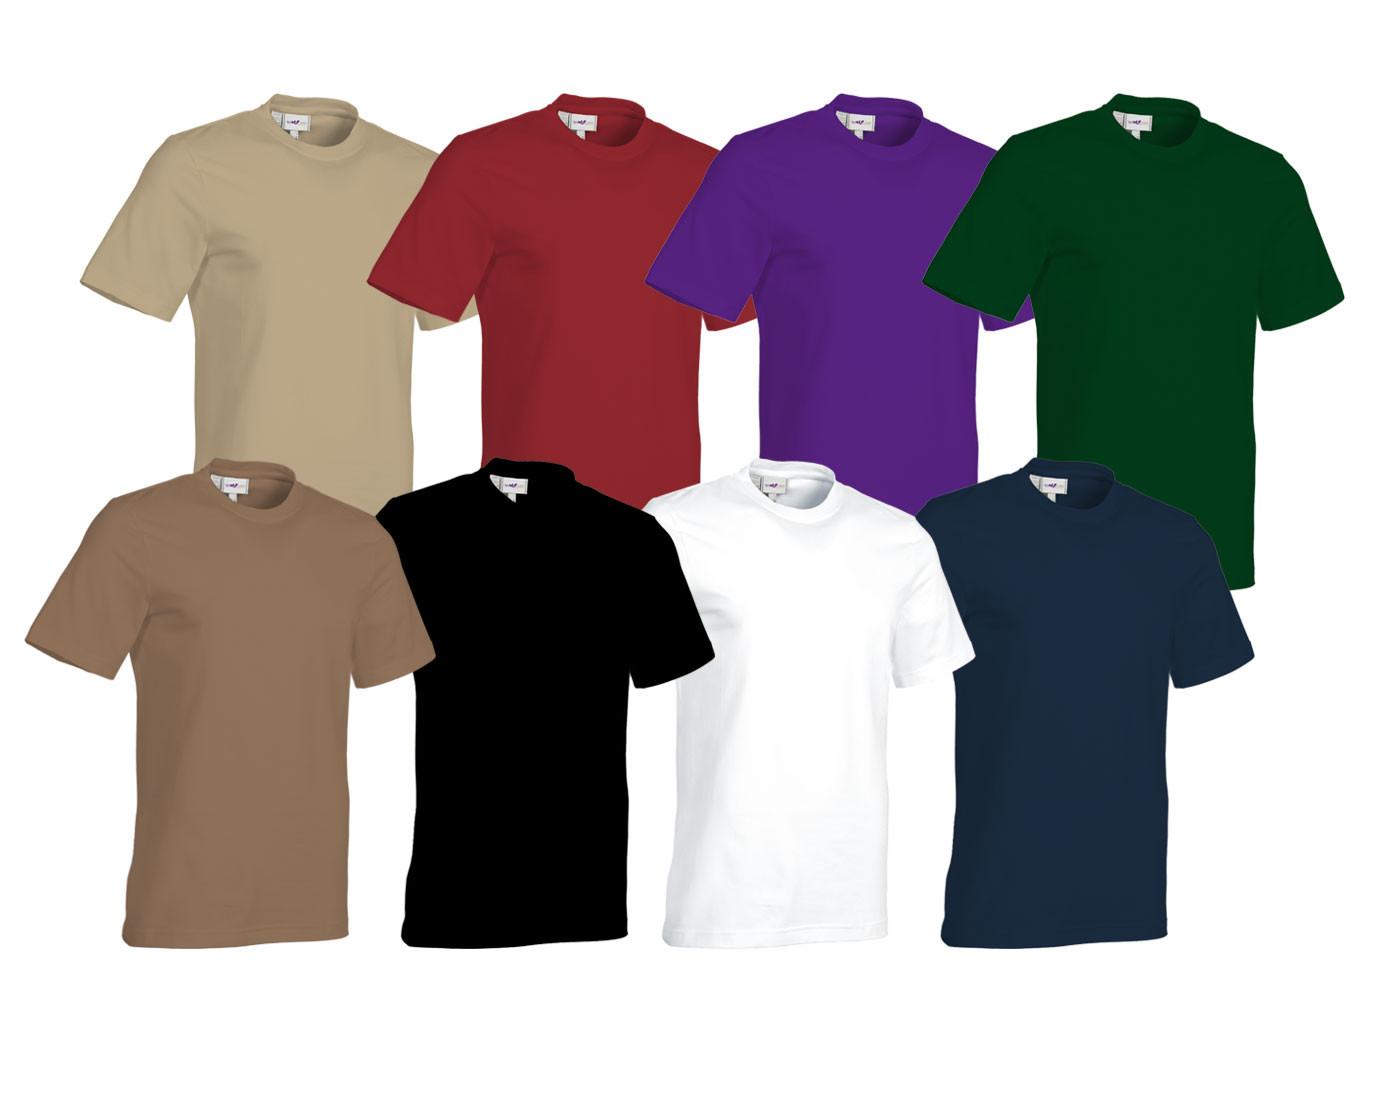 Rundhals T-Shirt aus Baumwolle oder Mischgewebe in verschiedenen Farben